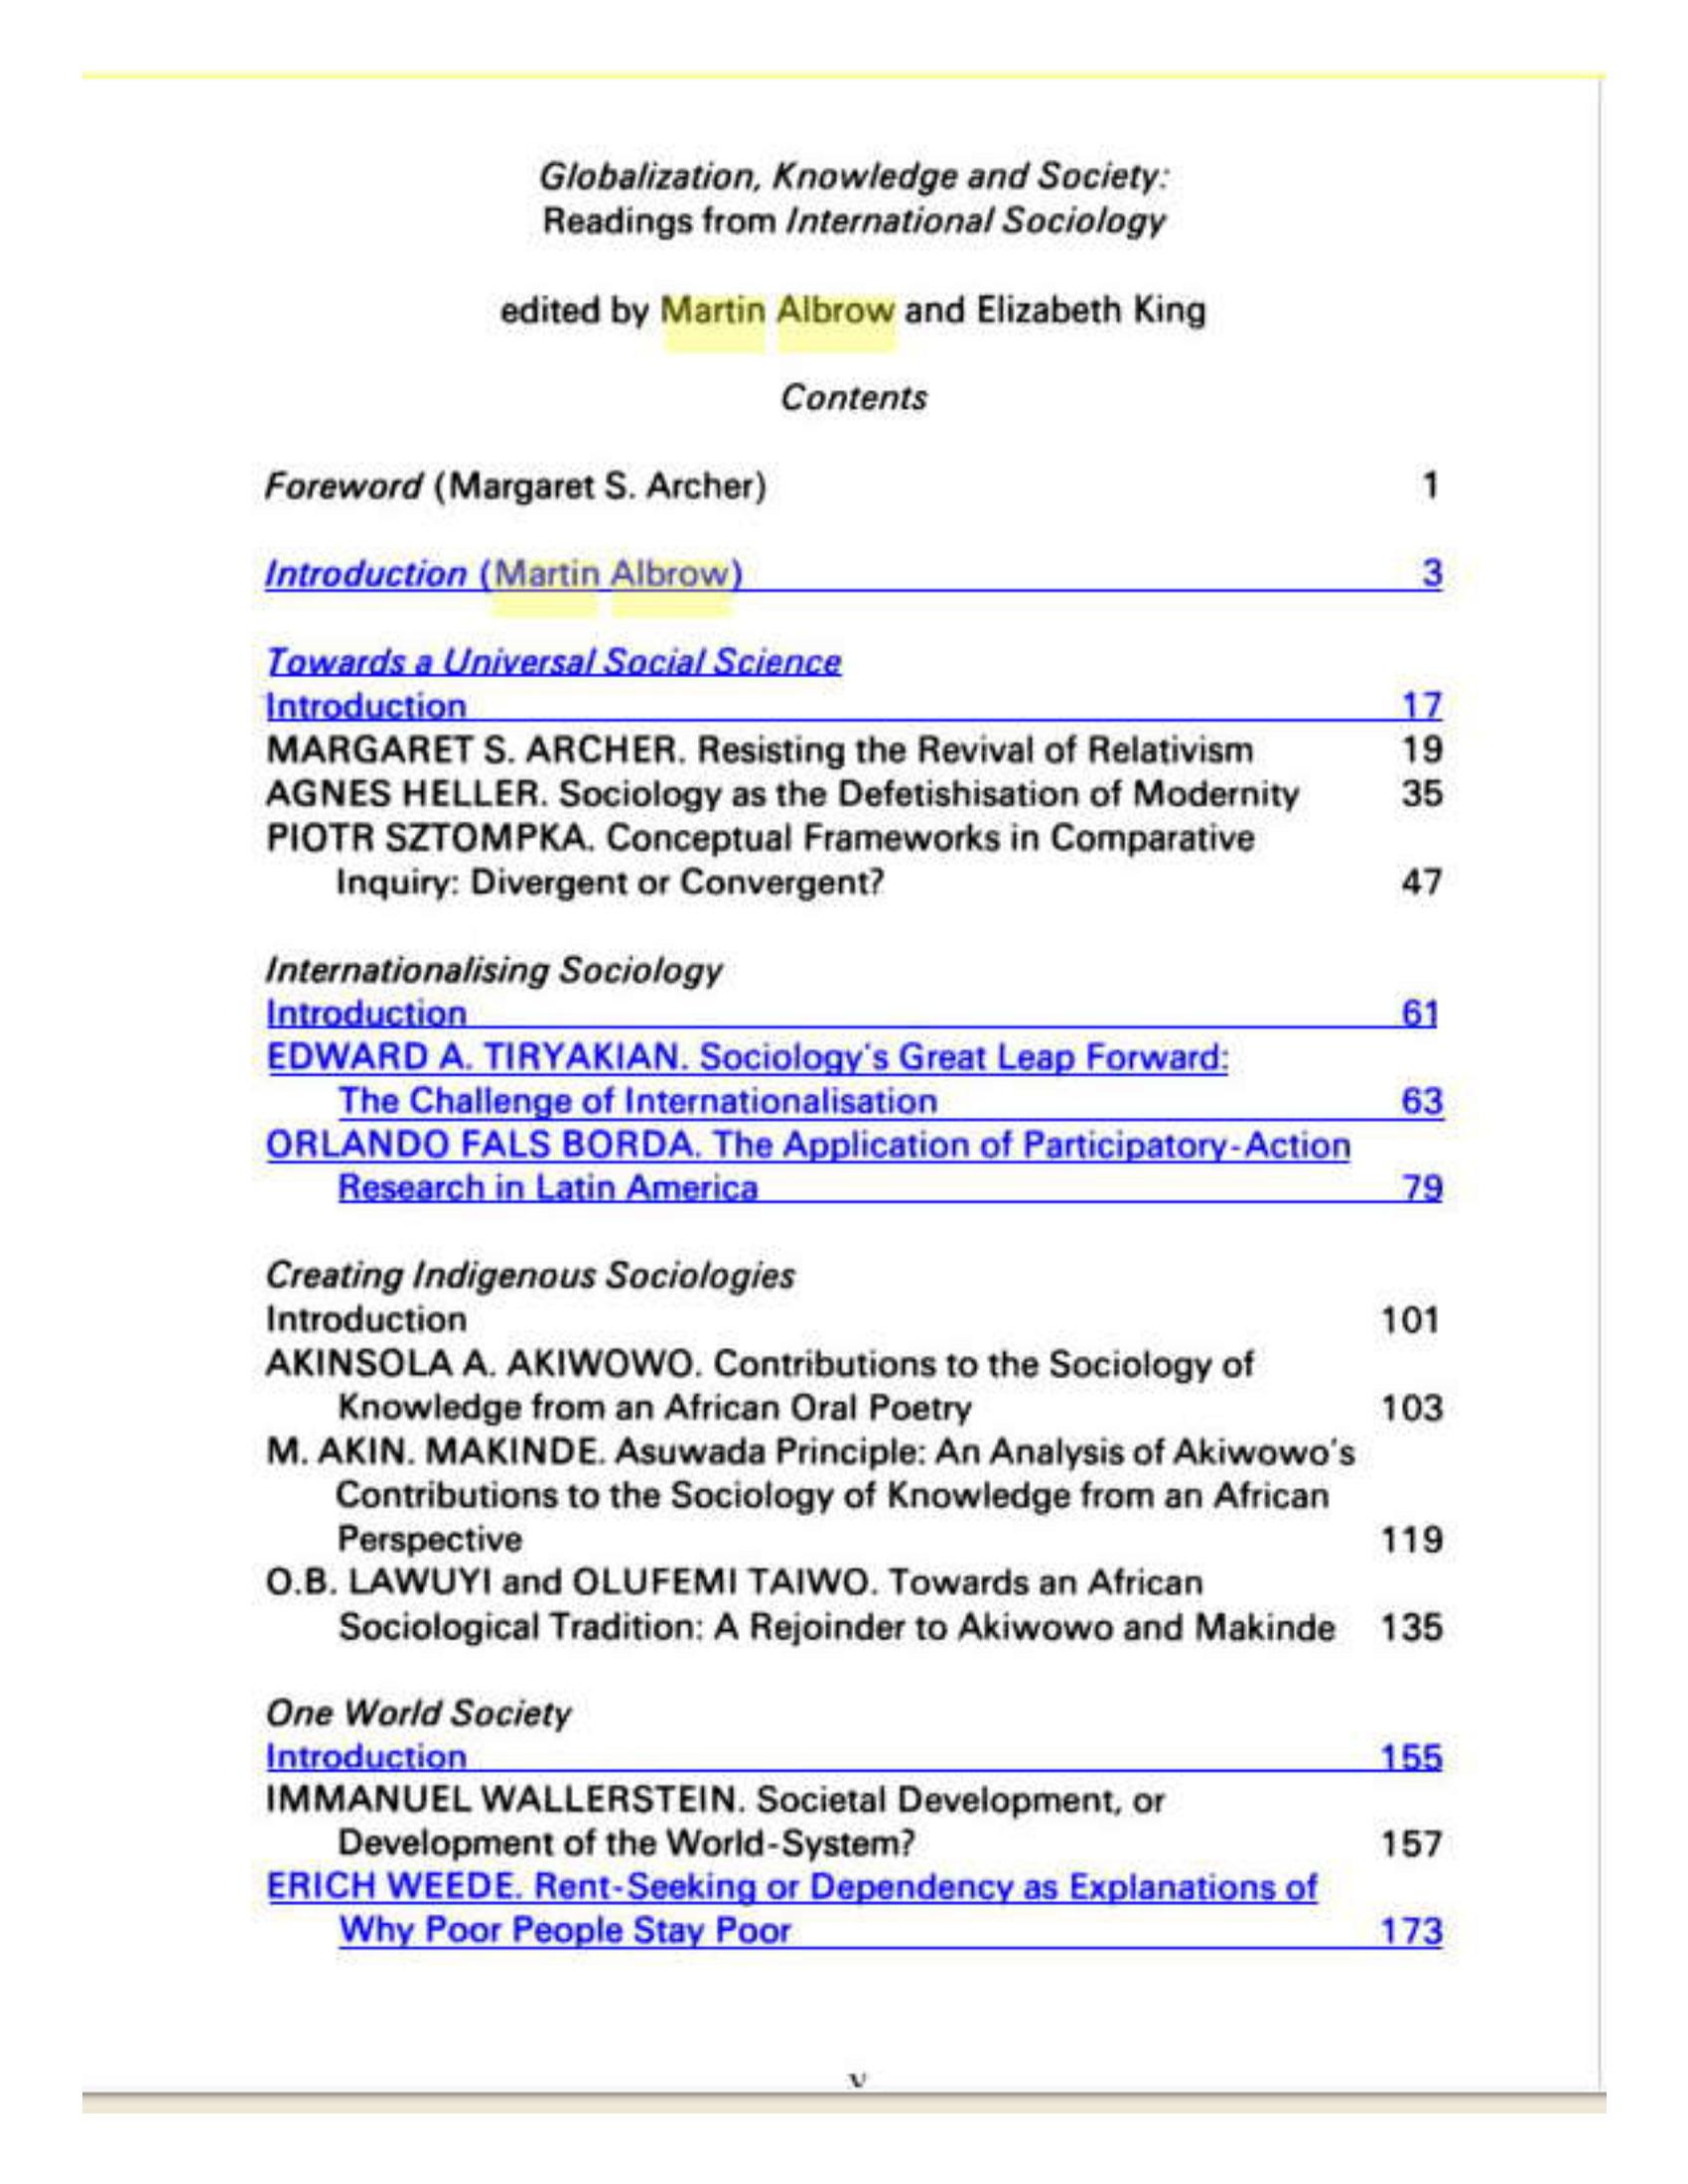 جامعه شناسی از مارتین آلبرو جامعه شناس globalization - knowledge and society